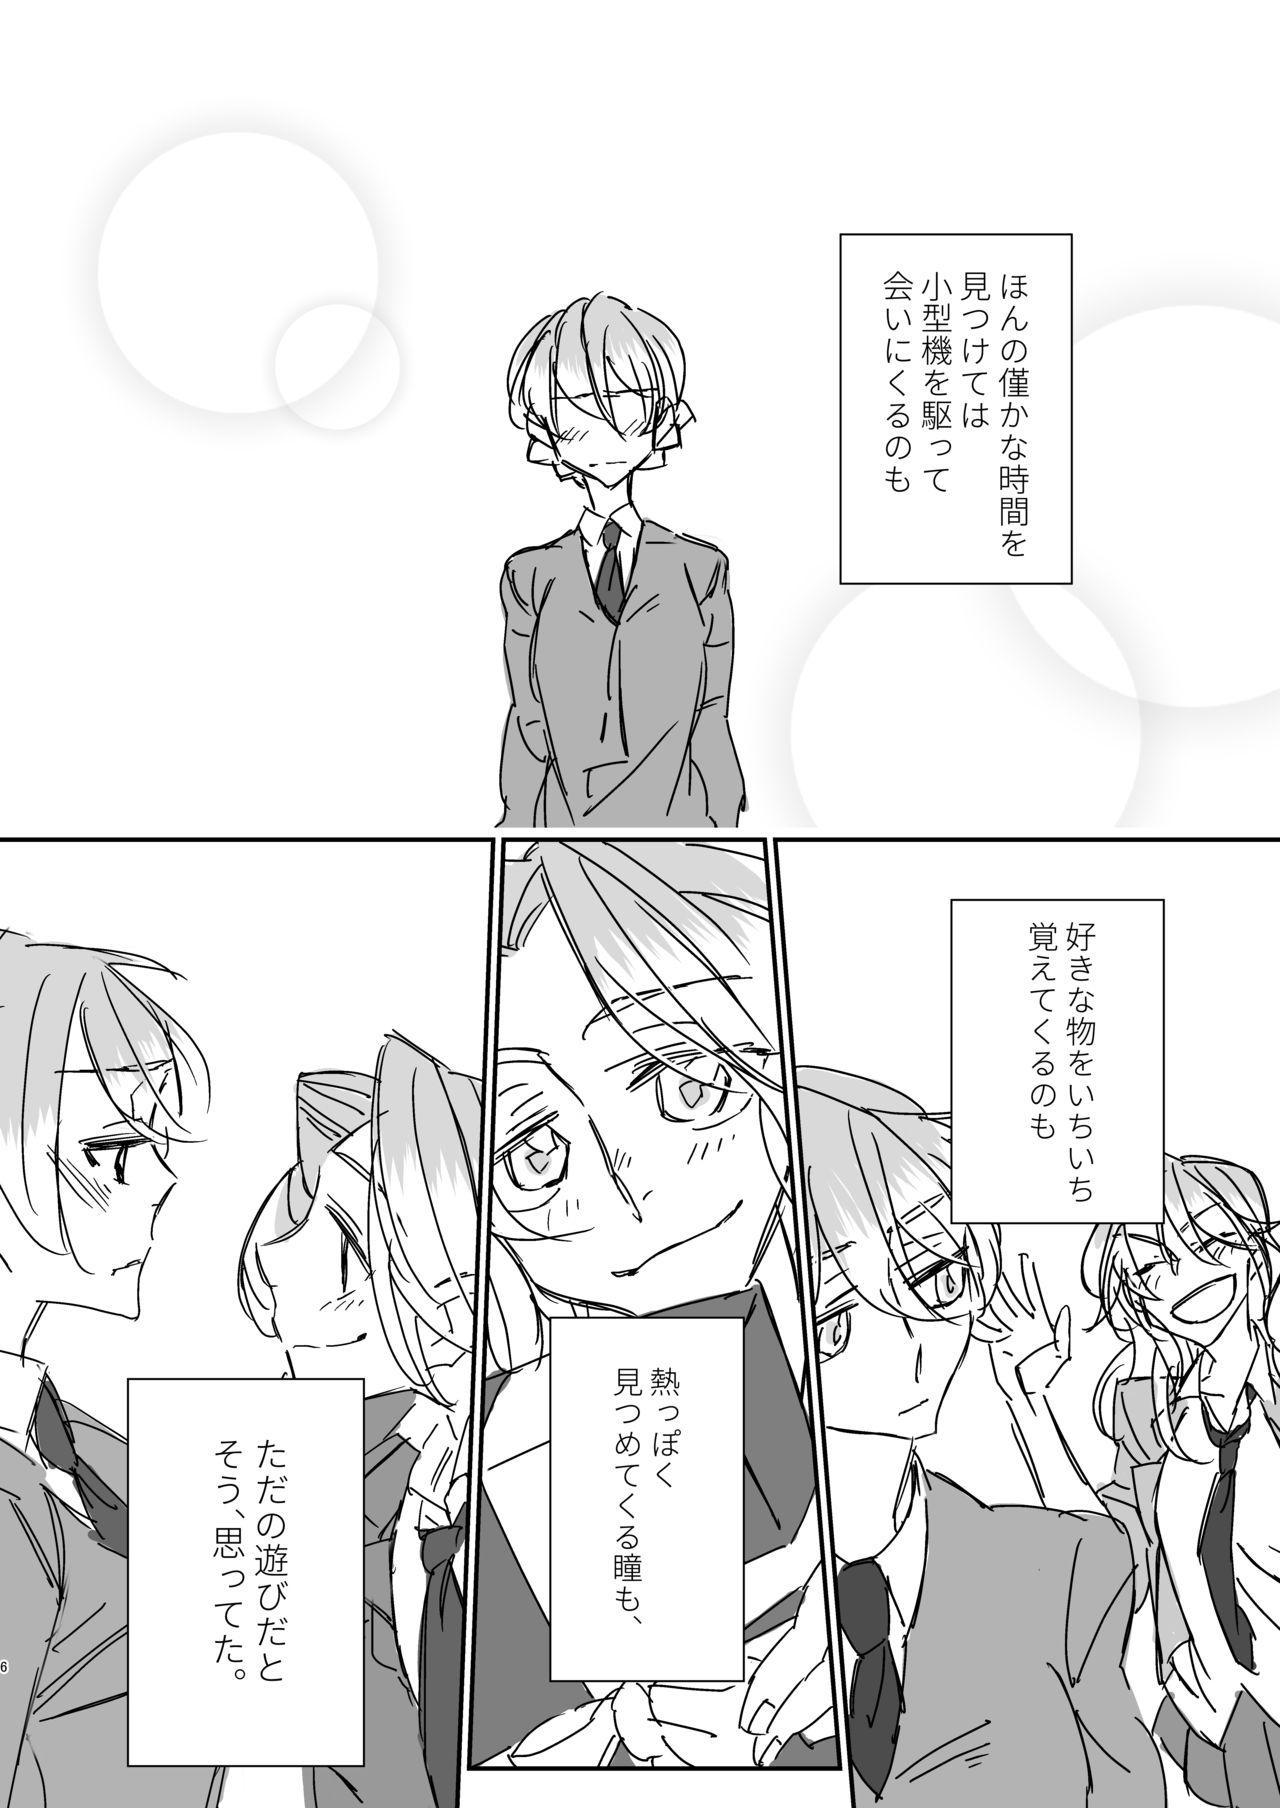 Zutto Kijo ni Koishiteta. 4